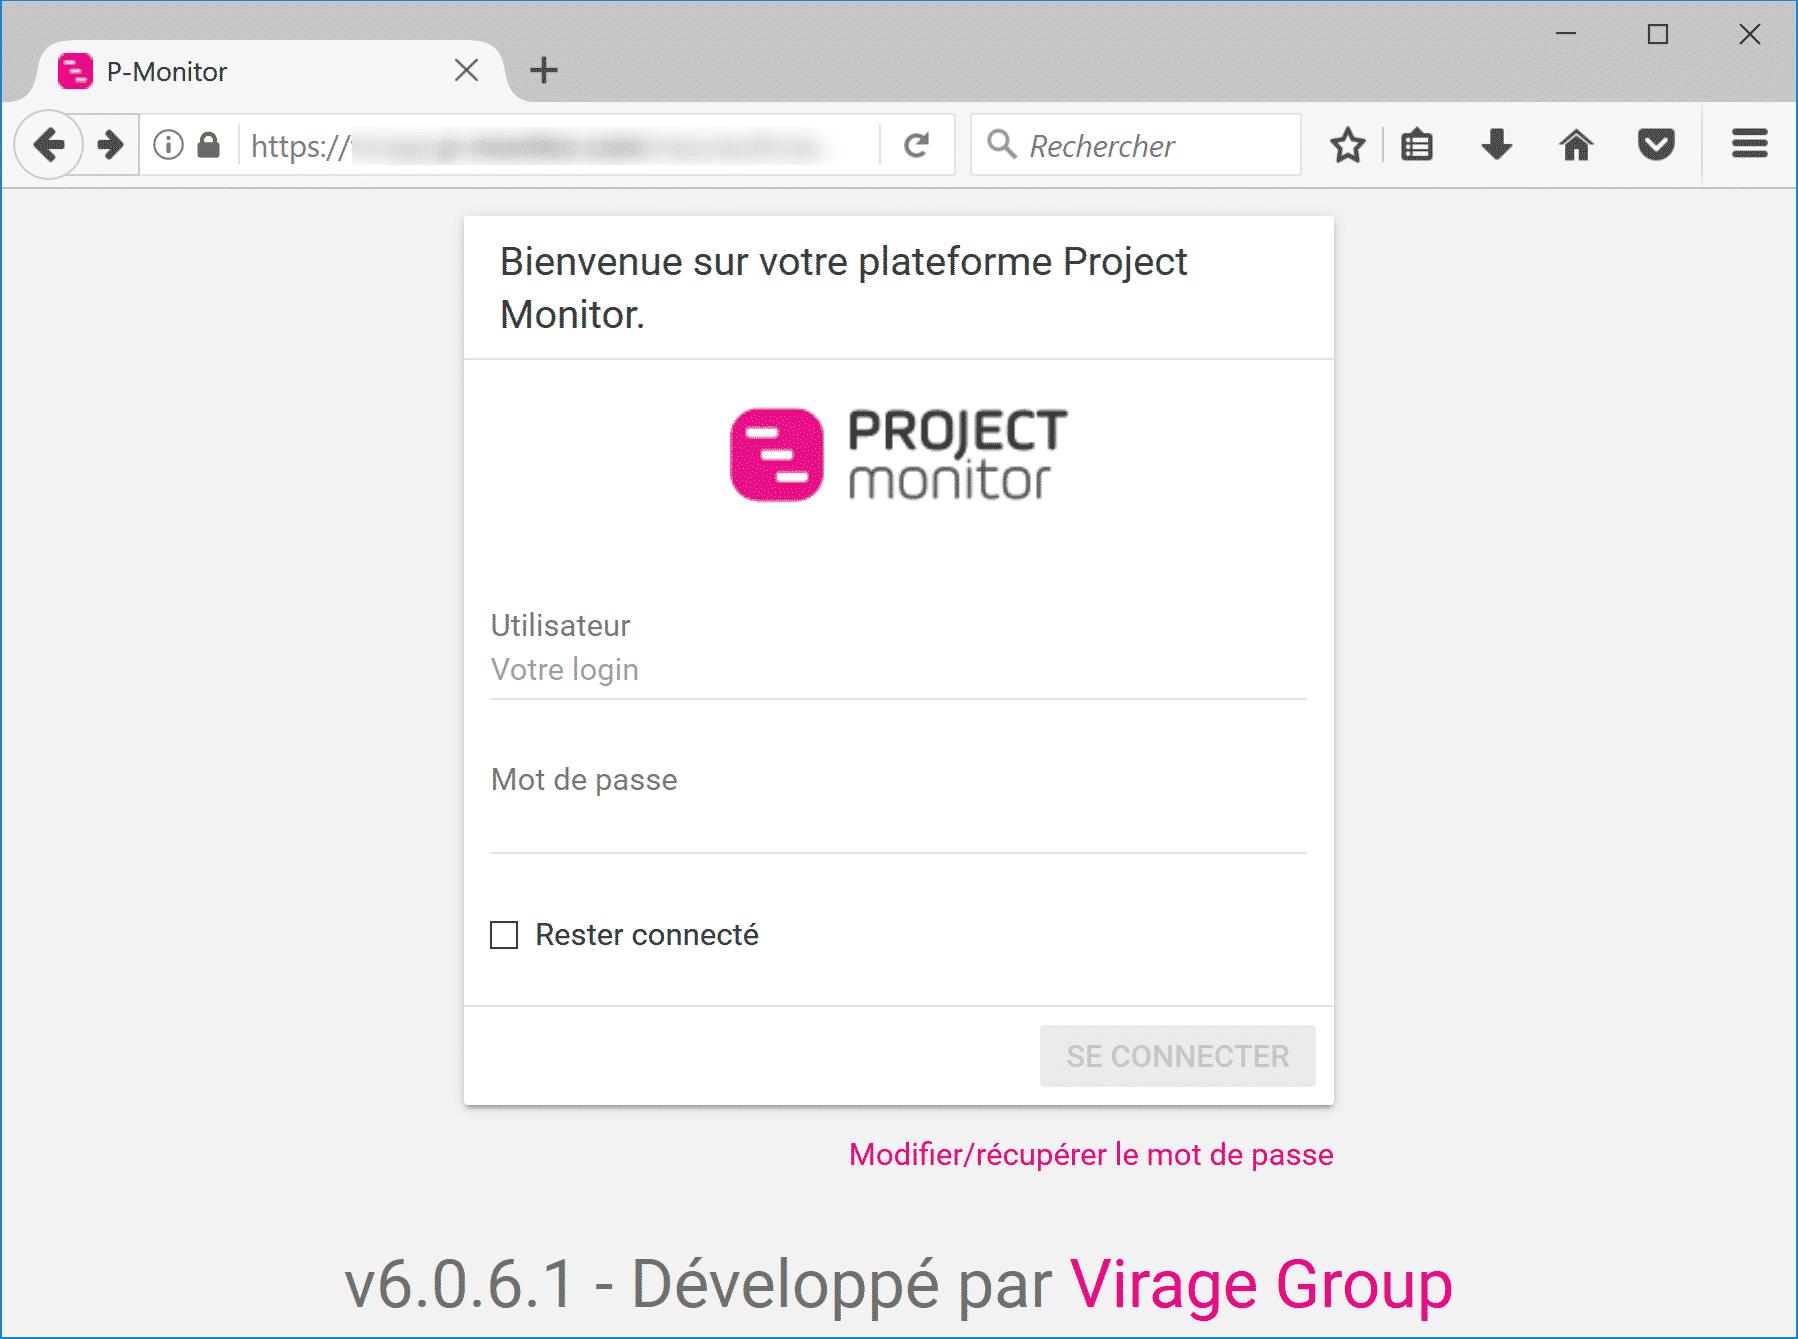 La version 6.0.6 est disponible sur les plateformes SaaS